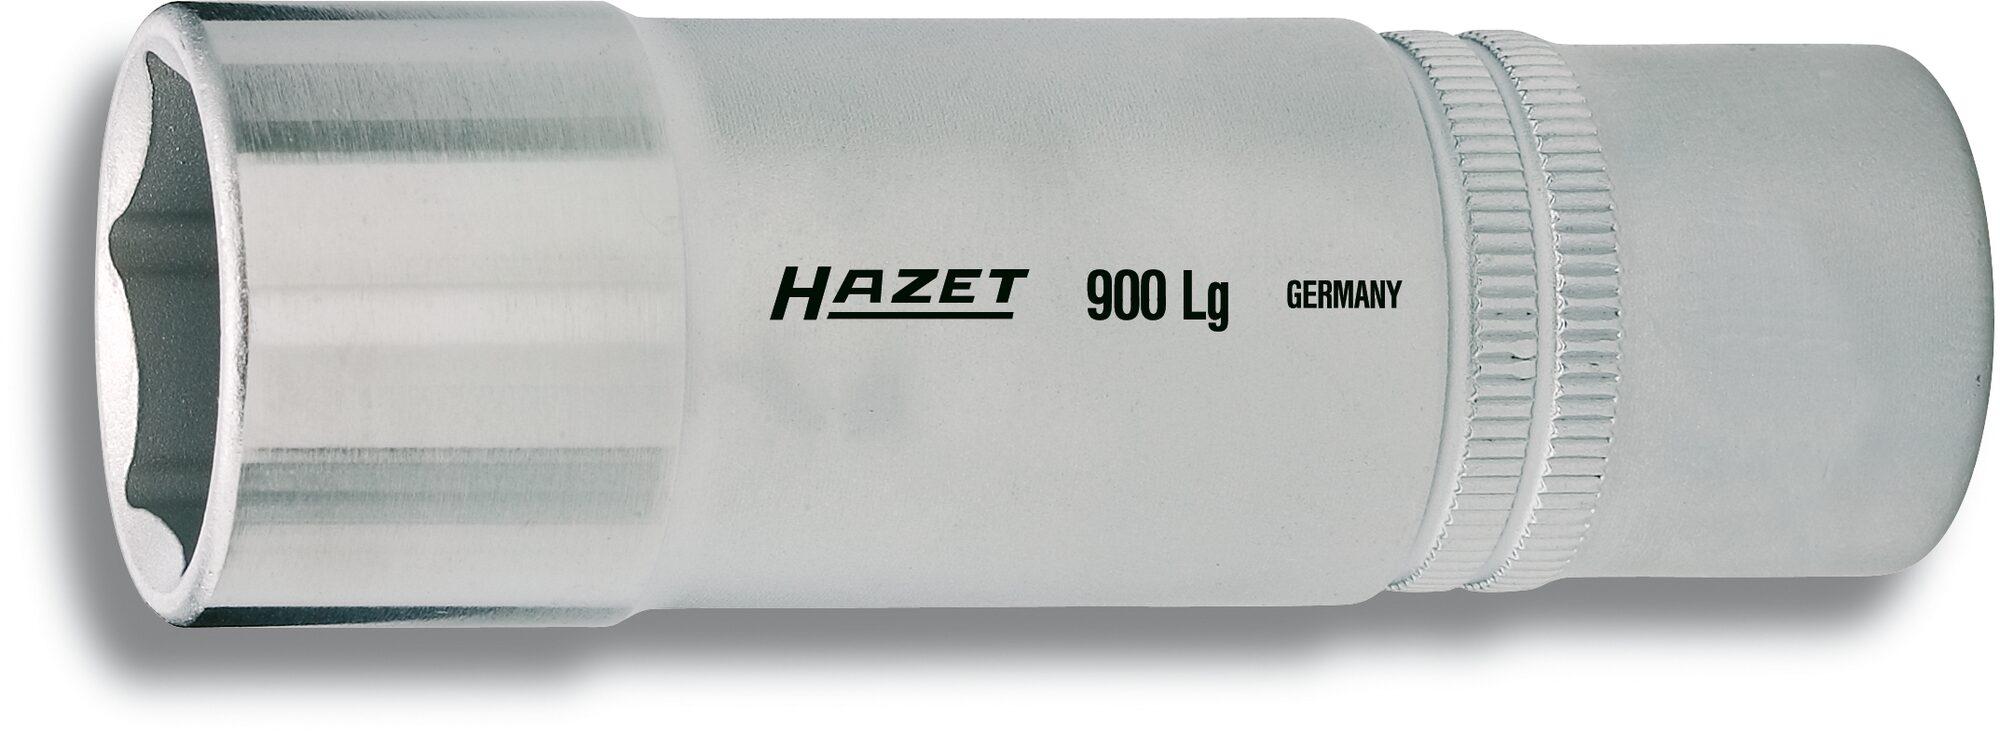 HAZET Steckschlüsseleinsatz ∙ Sechskant 900LG-15 ∙ Vierkant hohl 12,5 mm (1/2 Zoll) ∙ Außen-Sechskant-Tractionsprofil